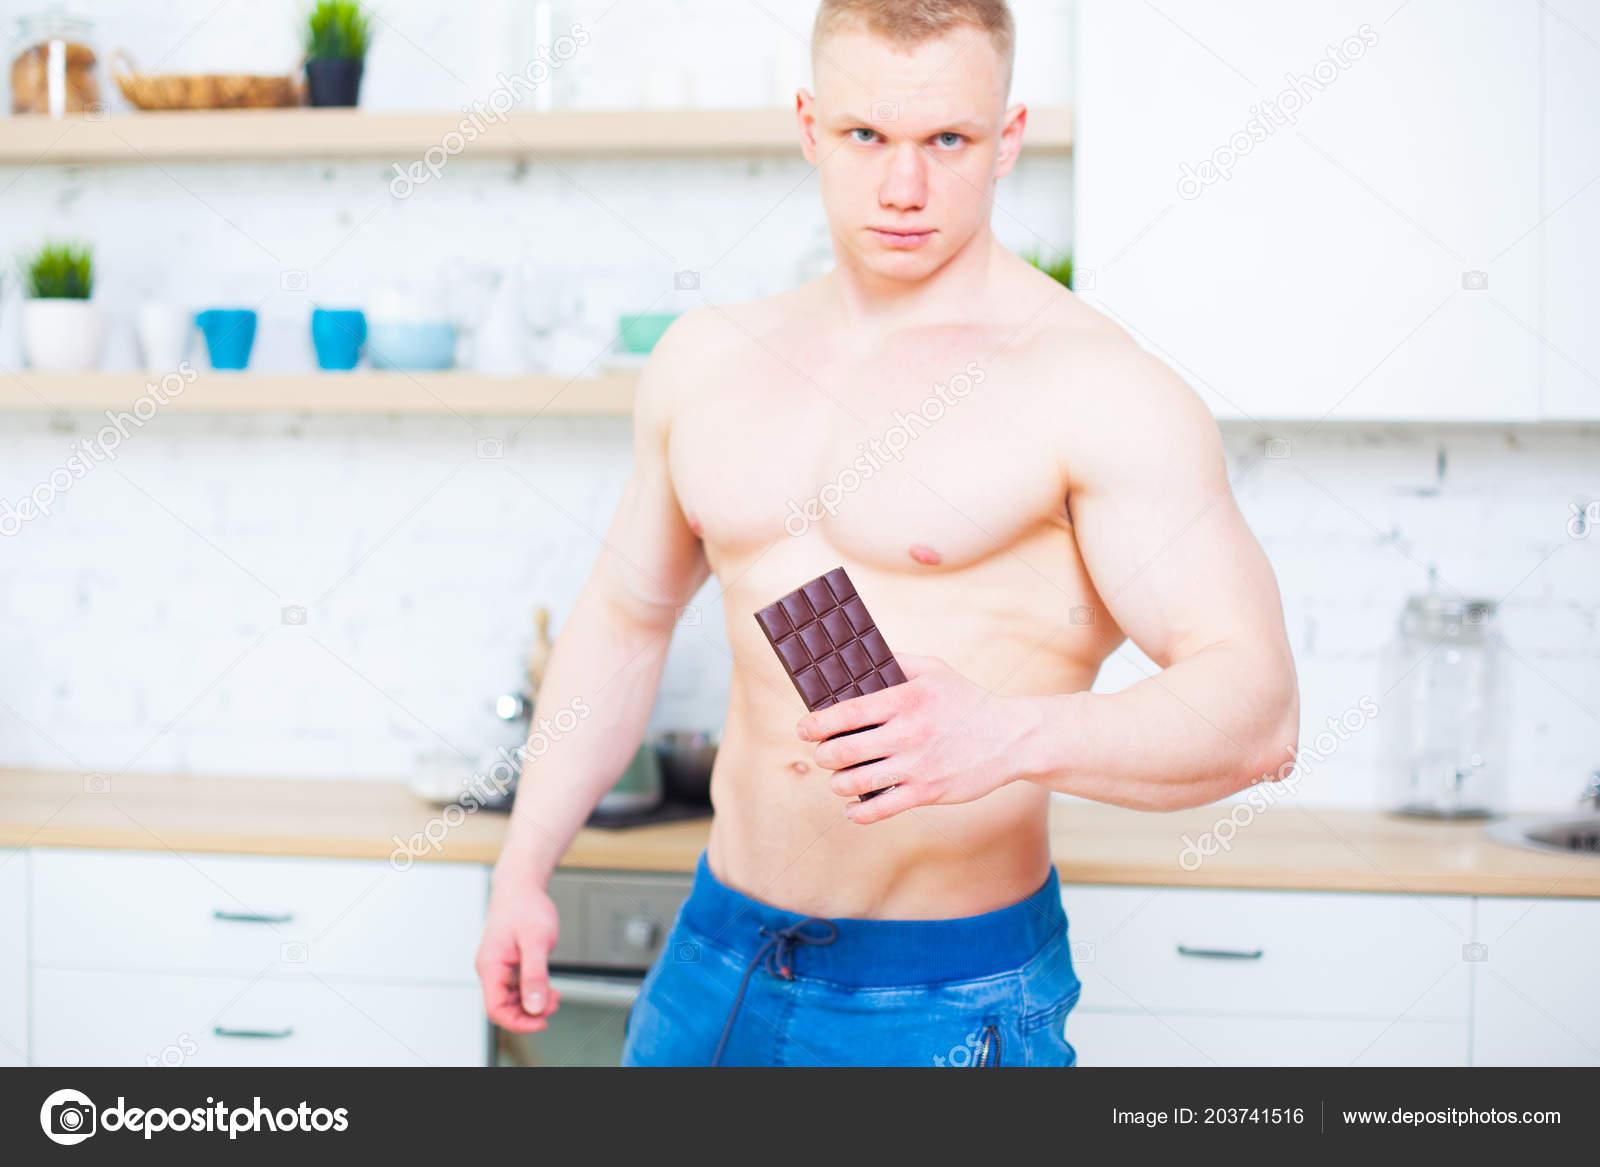 Čokoládové modely nahé